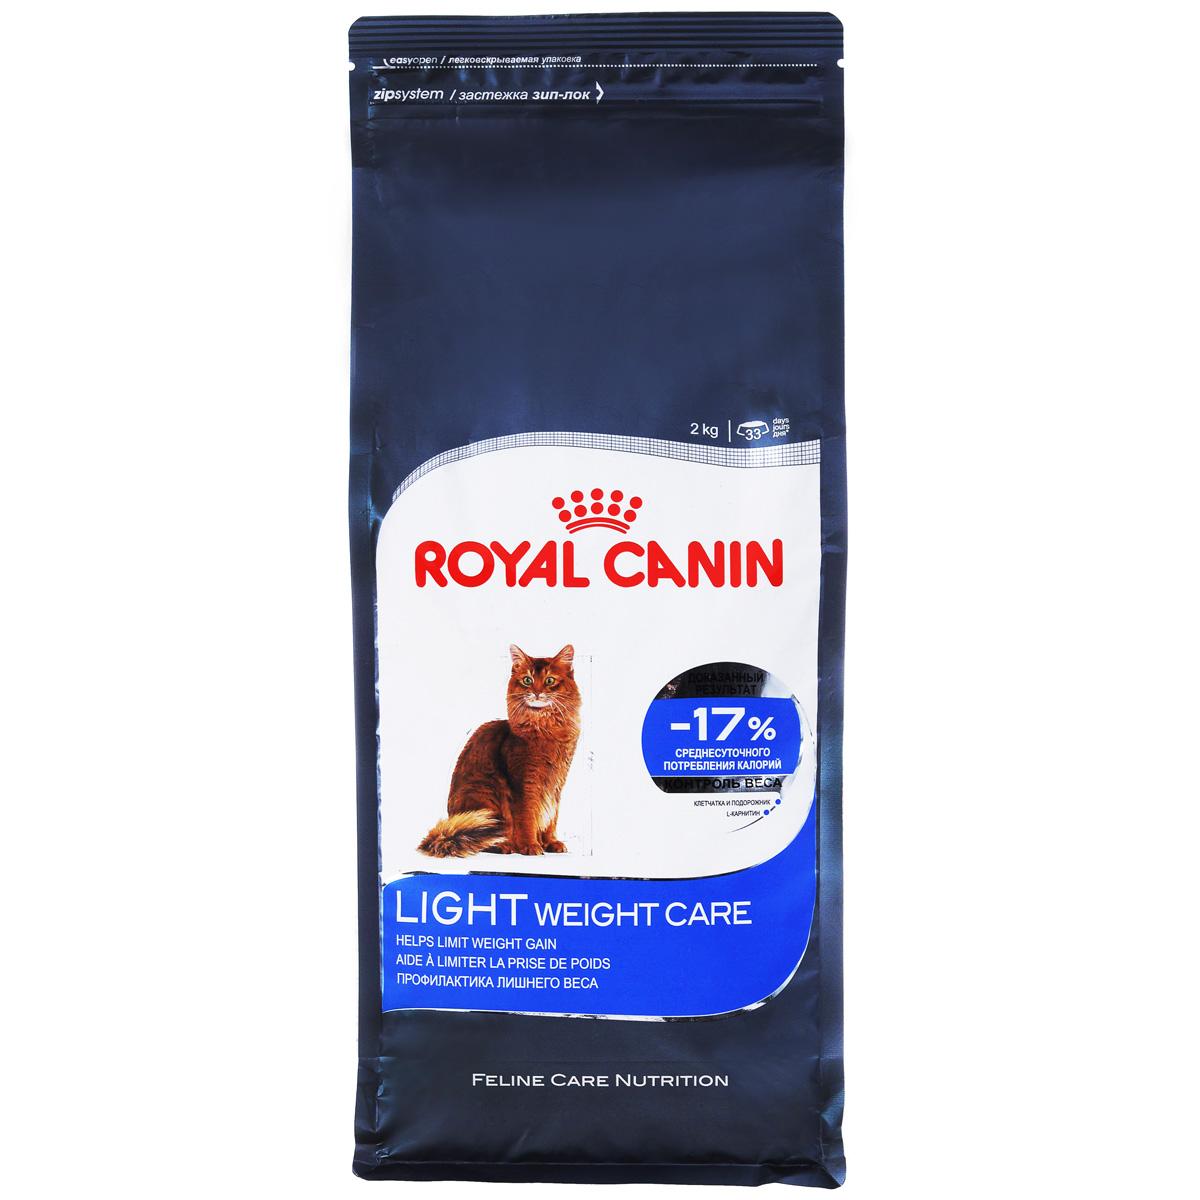 Корм сухой Royal Canin Light Weight Care, для взрослых кошек в целях профилактики избыточного веса, 2 кг58034Сухой корм Royal Canin Light Weight Care является полнорационным сбалансированным кормом для взрослых кошек, склонных к избыточному весу. Содержание клетчатки и подорожника позволяет на 17% снизить калории, получаемые кошкой, при этом полностью удовлетворяя ее аппетит. Высокое содержание белка помогает сохранять мышечную массу, а L-карнитин способствует сжиганию жиров. Состав: изолят растительных белков, дегидратированные белки животного происхождения (птица), злаки, растительная клетчатка, рис, гидролизат белков животного происхождения, животные жиры, минеральные вещества, свекольный жом, дрожжи, рыбий жир, оболочки и семена подорожника 0,5%, соевое масло. Добавки в 1 кг: витамин А 19100 МЕ, витамин D3 700 МЕ, железо 32 мг, йод 3,2 мг, марганец 42 мг, цинк 126 мг, селен 0,05 мг, L-карнитин 210 мг, сорбат калия, пропилгаллат, БГА. Содержание питательных веществ: белки 40%, жиры 10%, минеральные вещества 7,4%, клетчатка пищевая 8,4%, общая клетчатка 15,8%, медь...